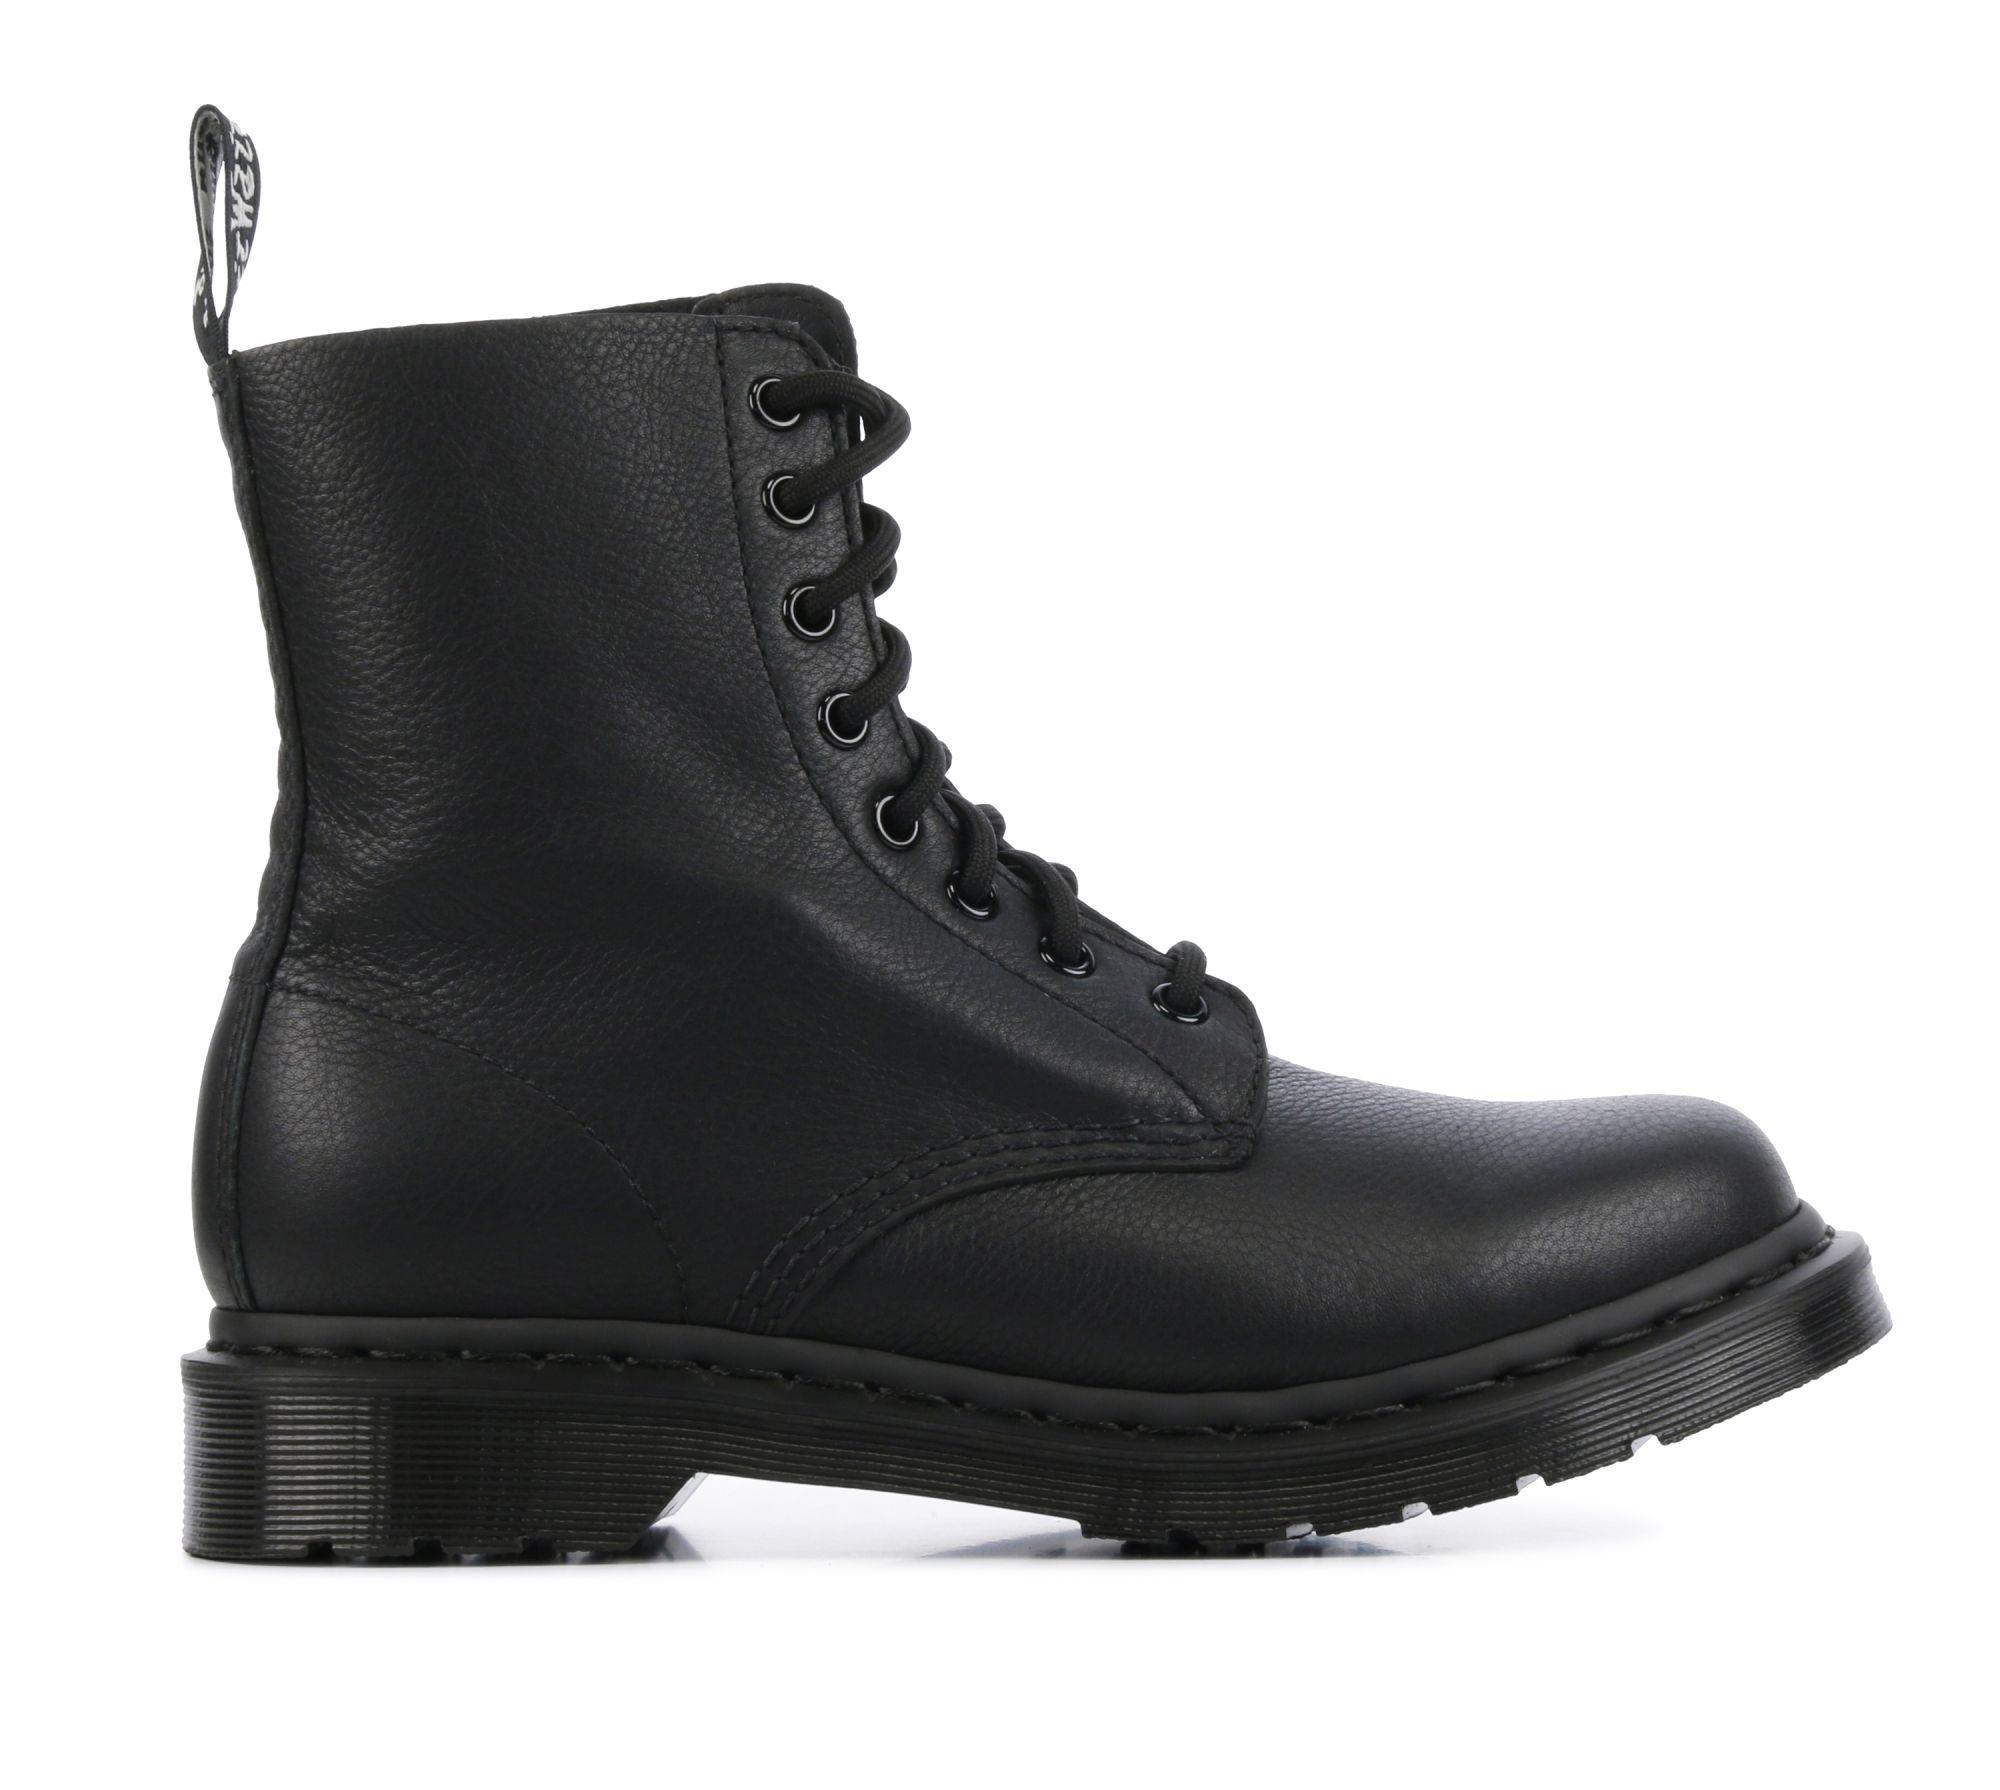 assem, van den assem, schoenen, laarzen, boosts, sneakers, winter, herfst, dr martens, laarsjes, najaar